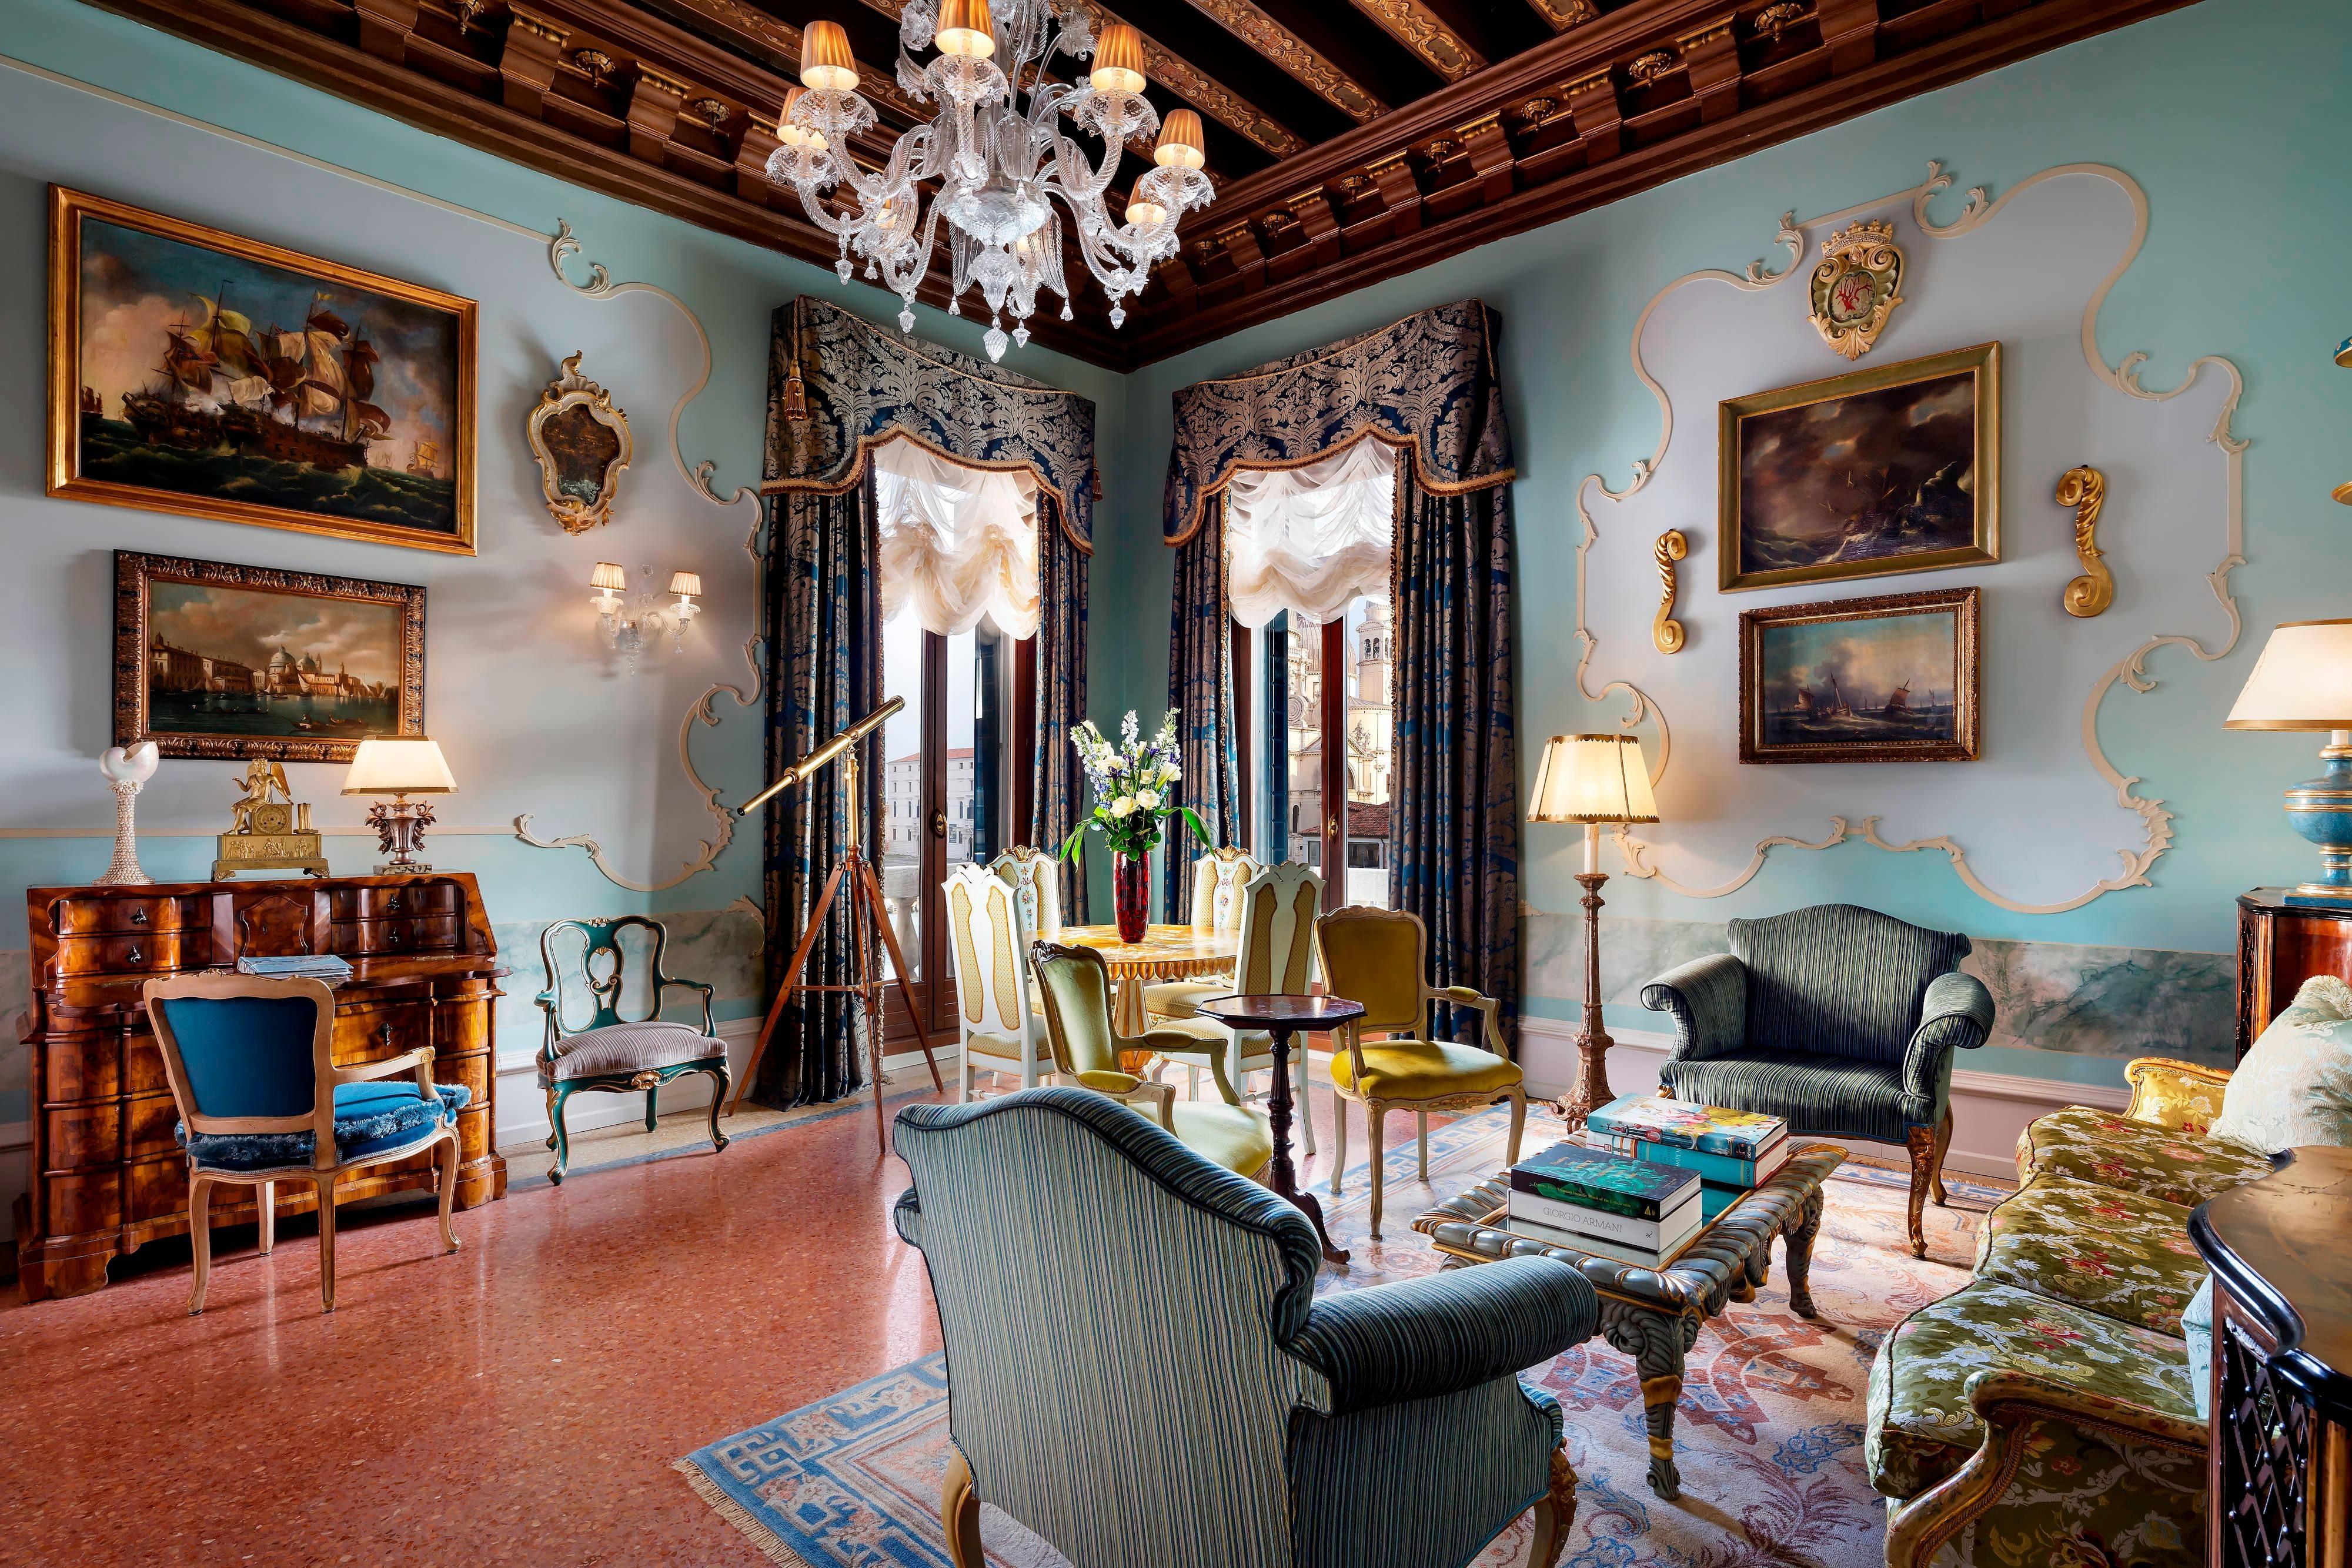 The Punta Della Dogana Patron Grand Canal Suite